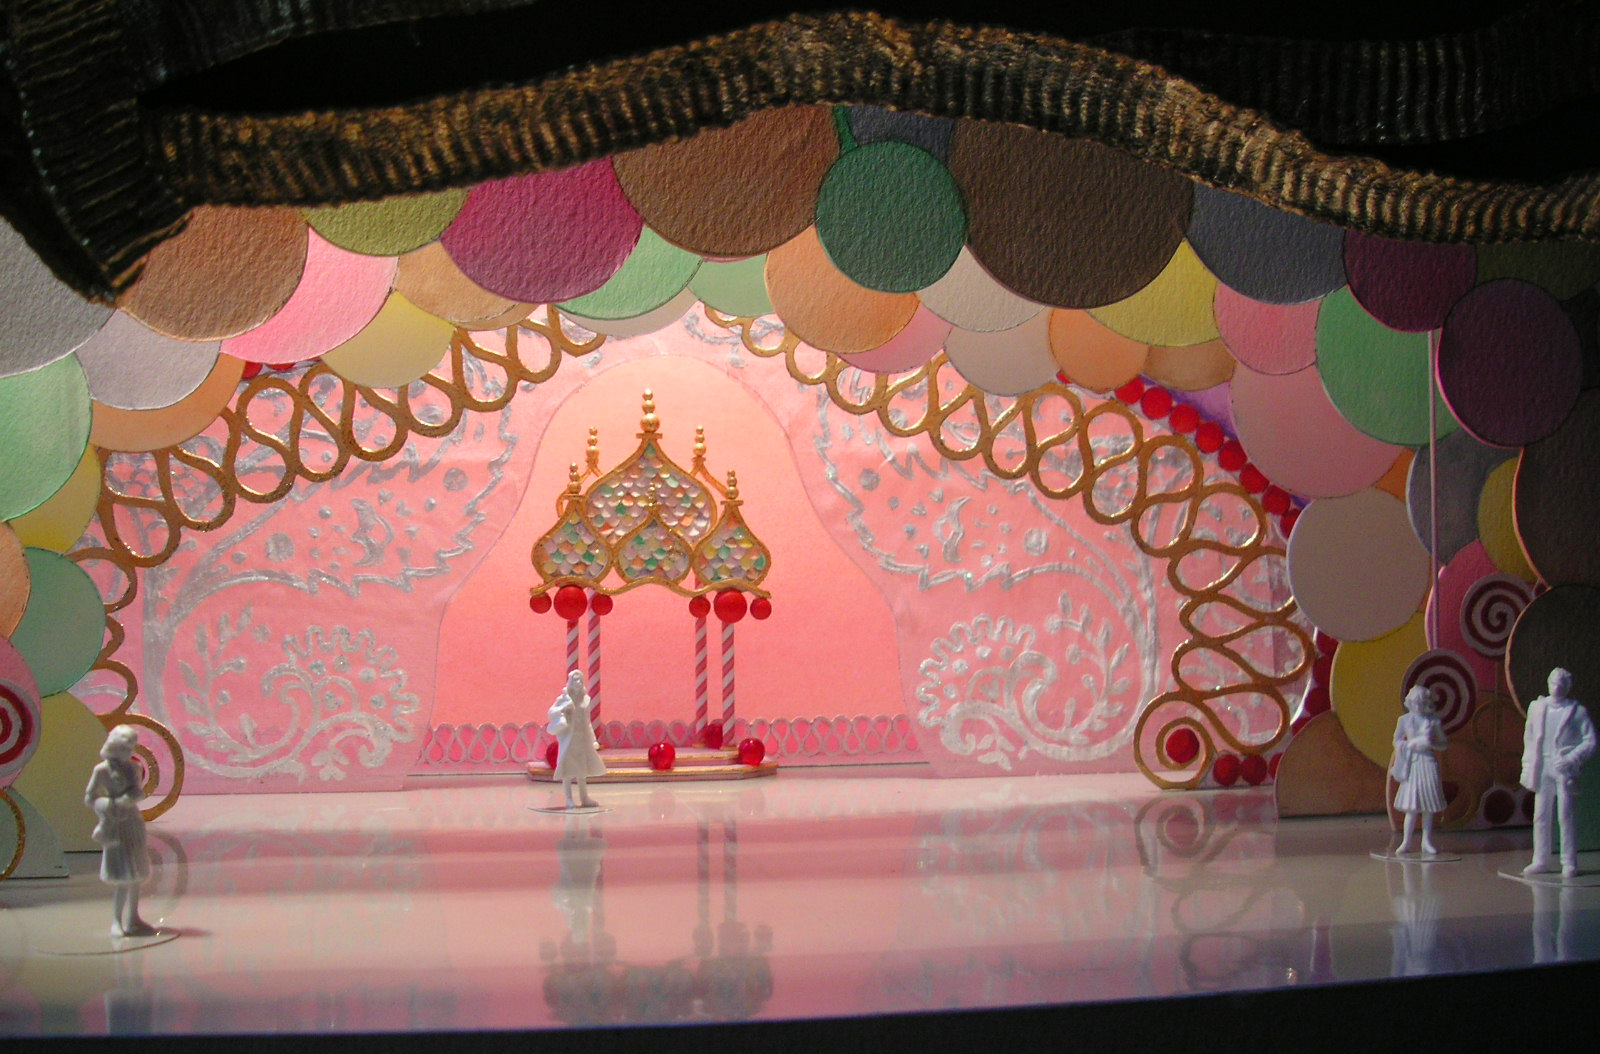 The New Nutcracker Ballet- Scenic Design 1:4%22=1' Scale Model for %22The Grand Pas Sweets Gazebo%22- Lone Star Ballet- Amarillo, Texas- Model by Rachel Short Janocko.jpg